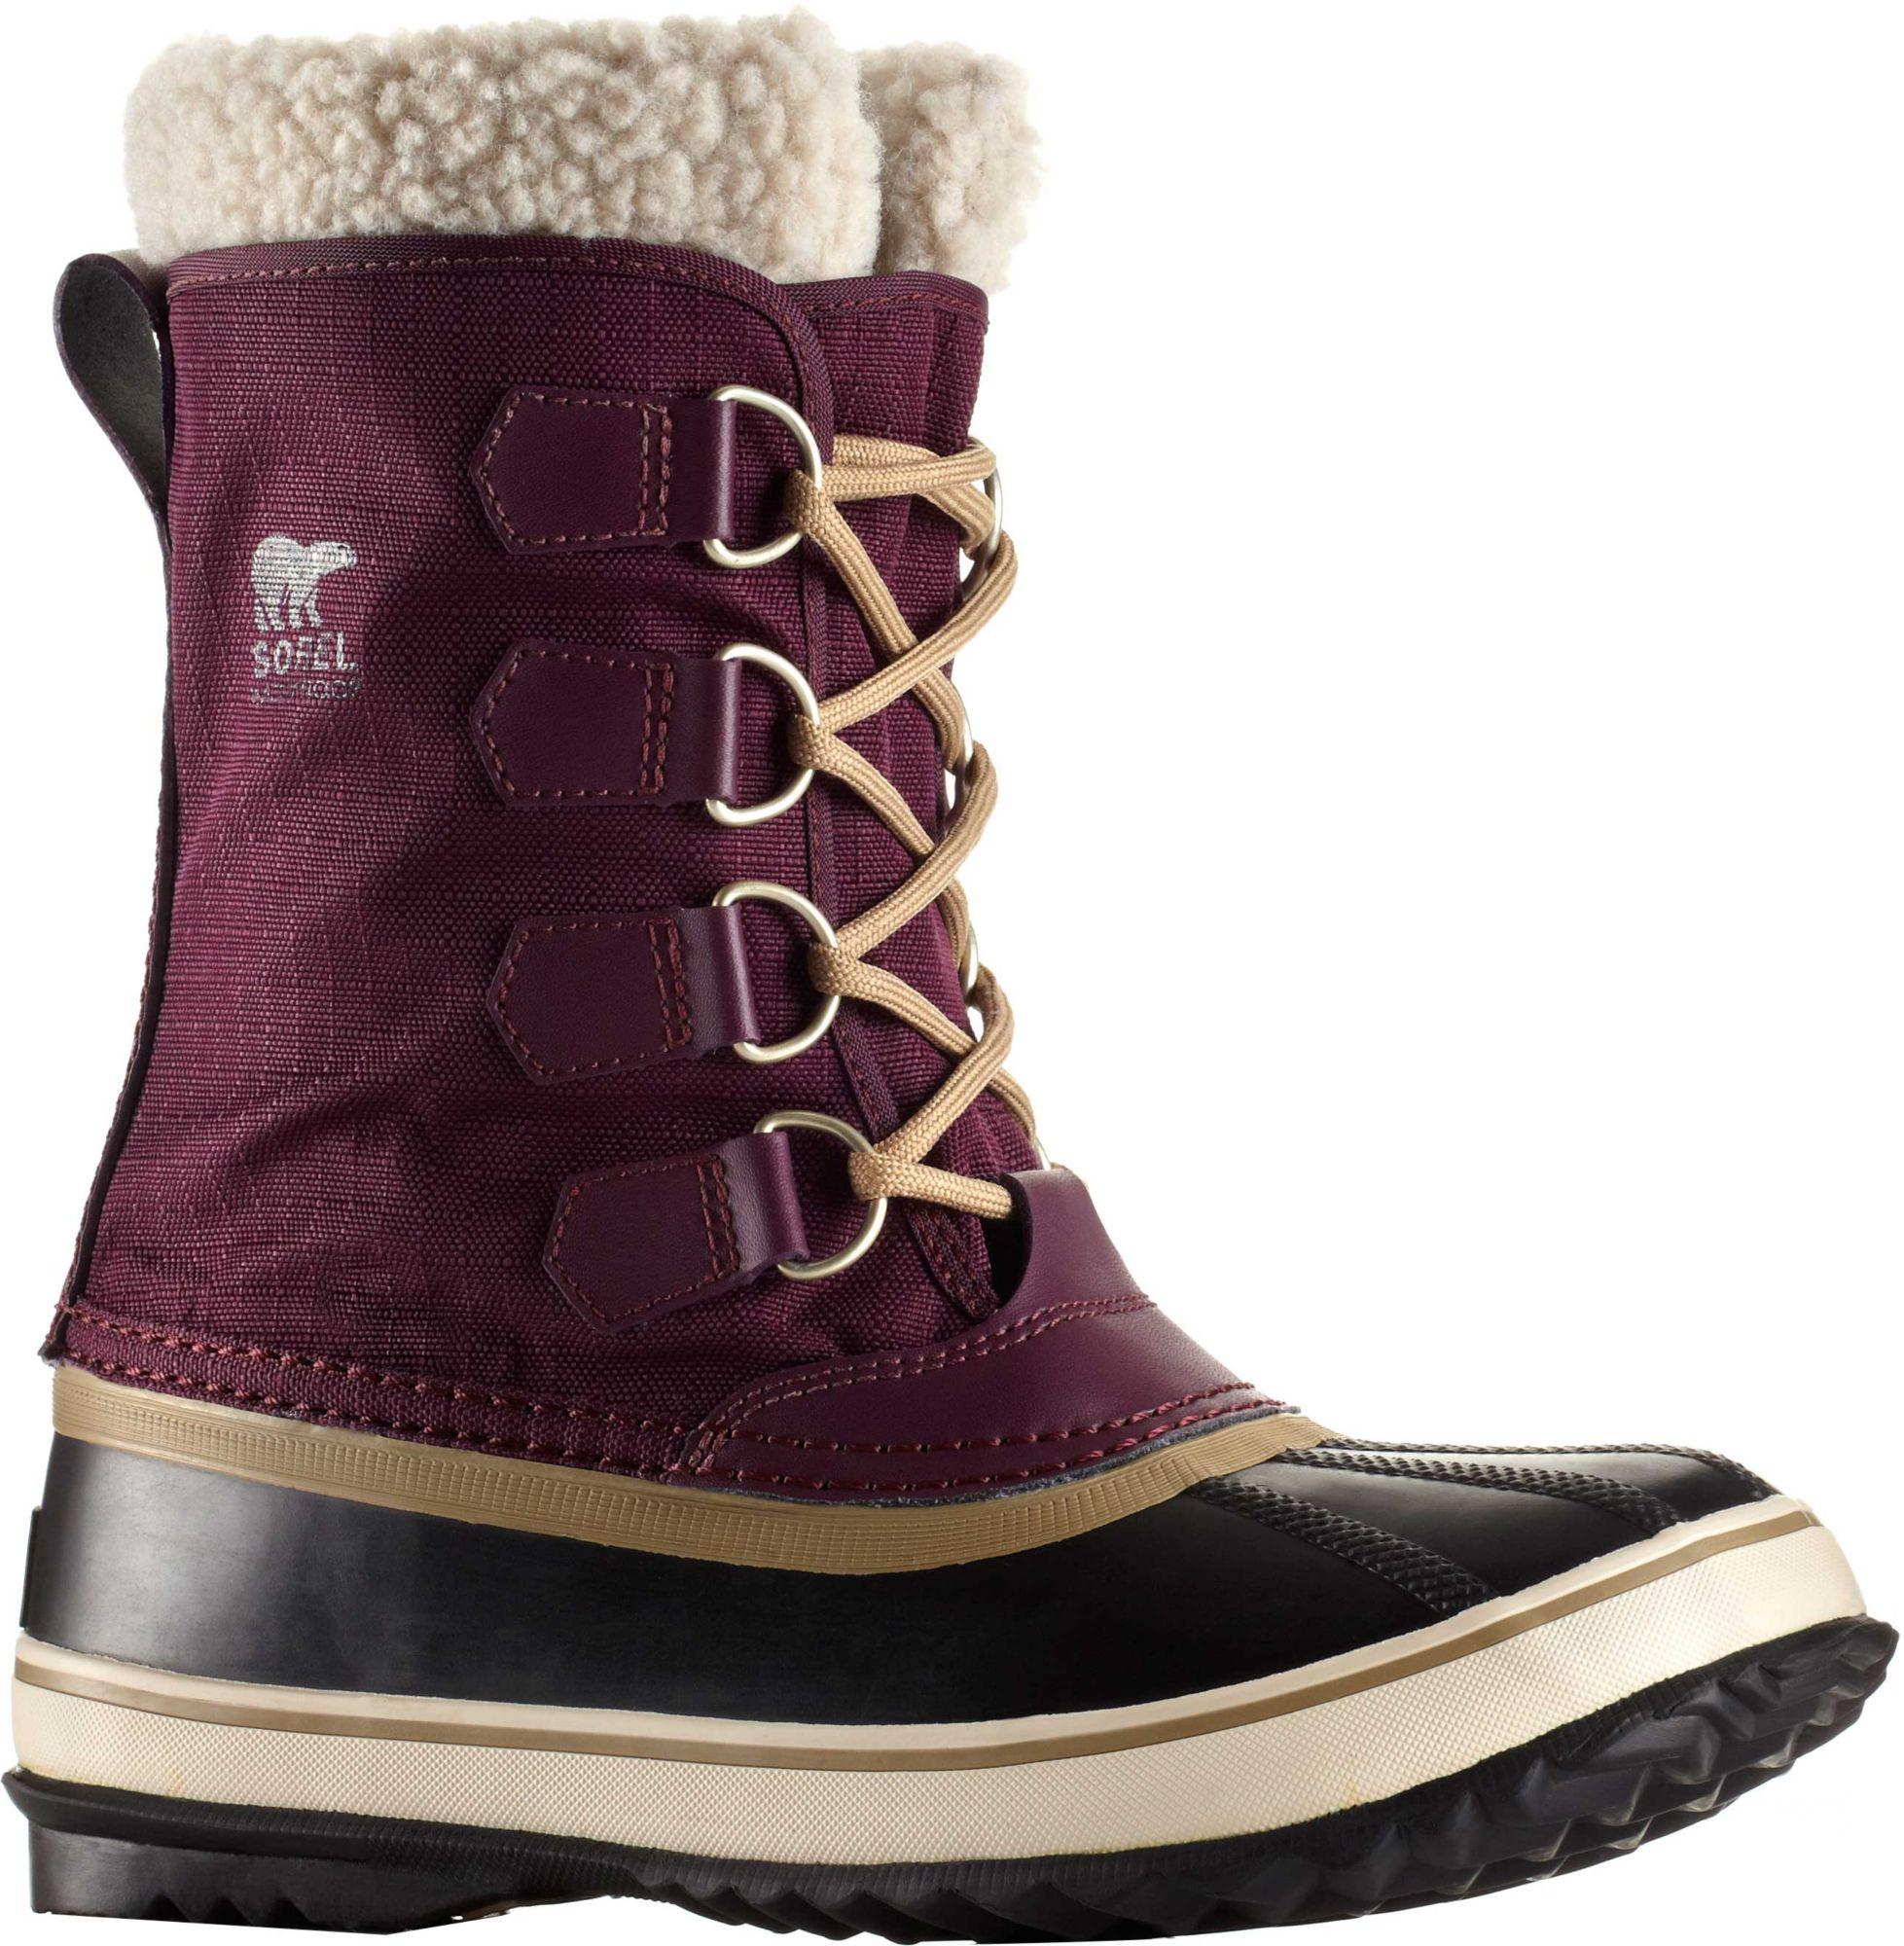 winter boots noimagefound ??? mldsvfk